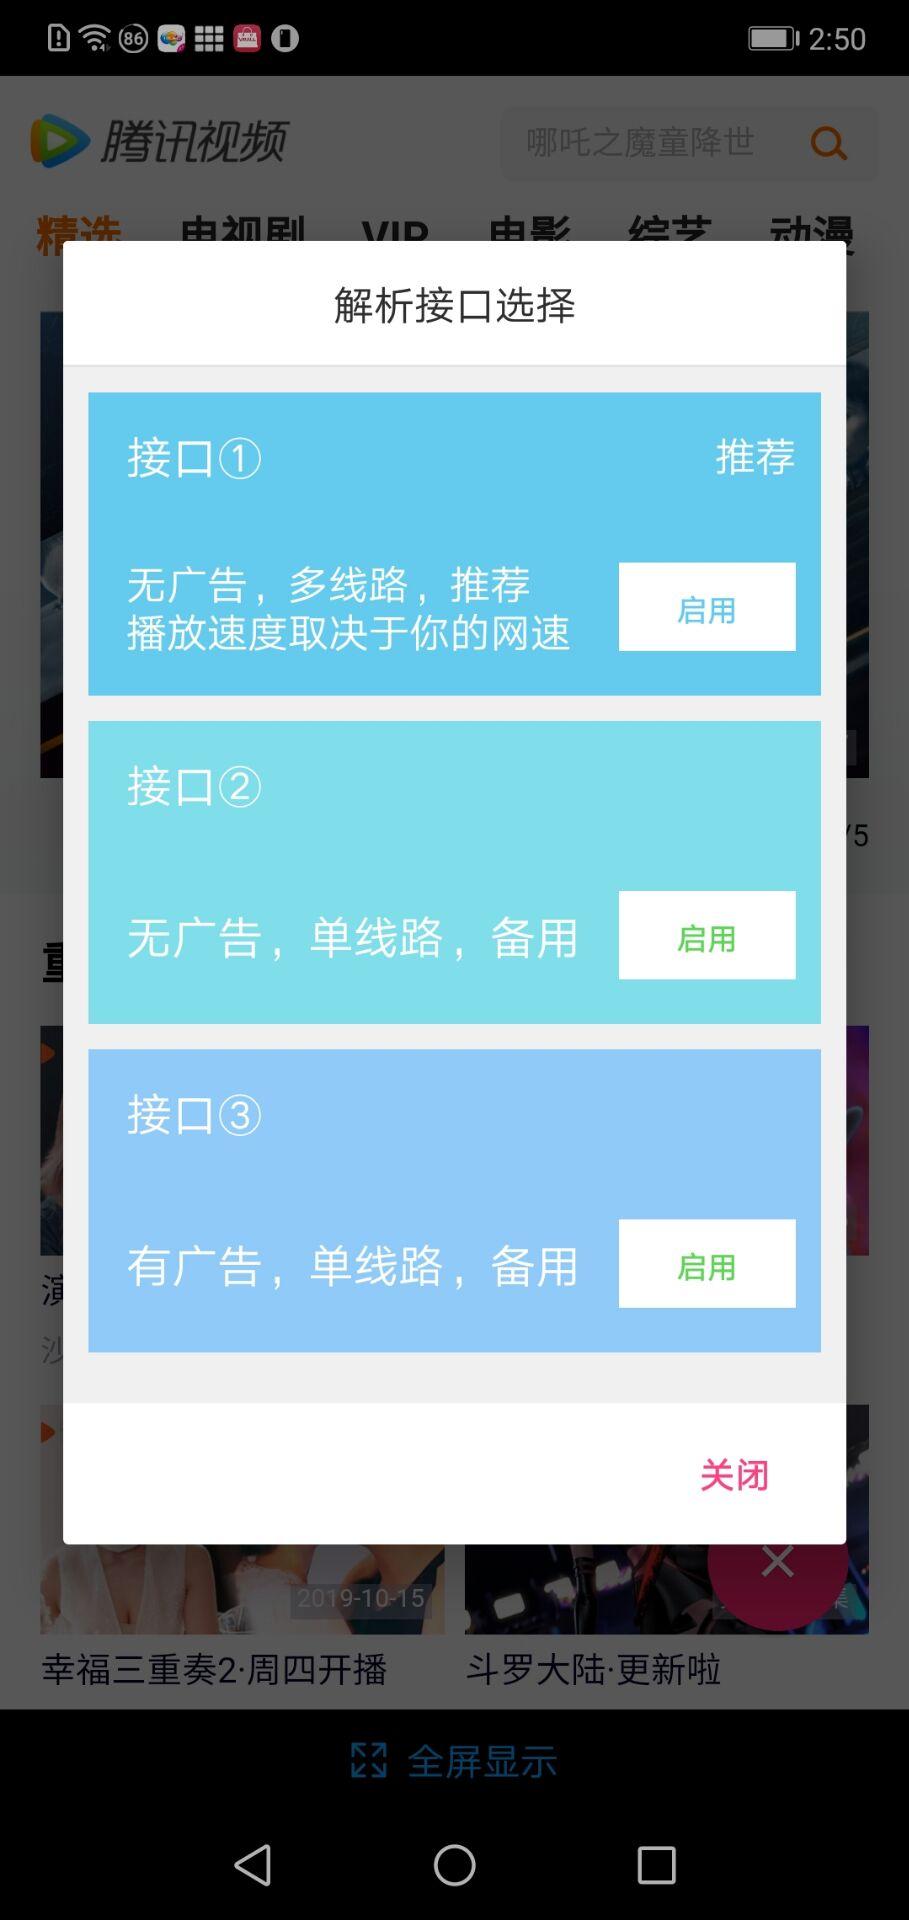 【绿色】小侠影视①无广告②超清版③网速快-爱小助